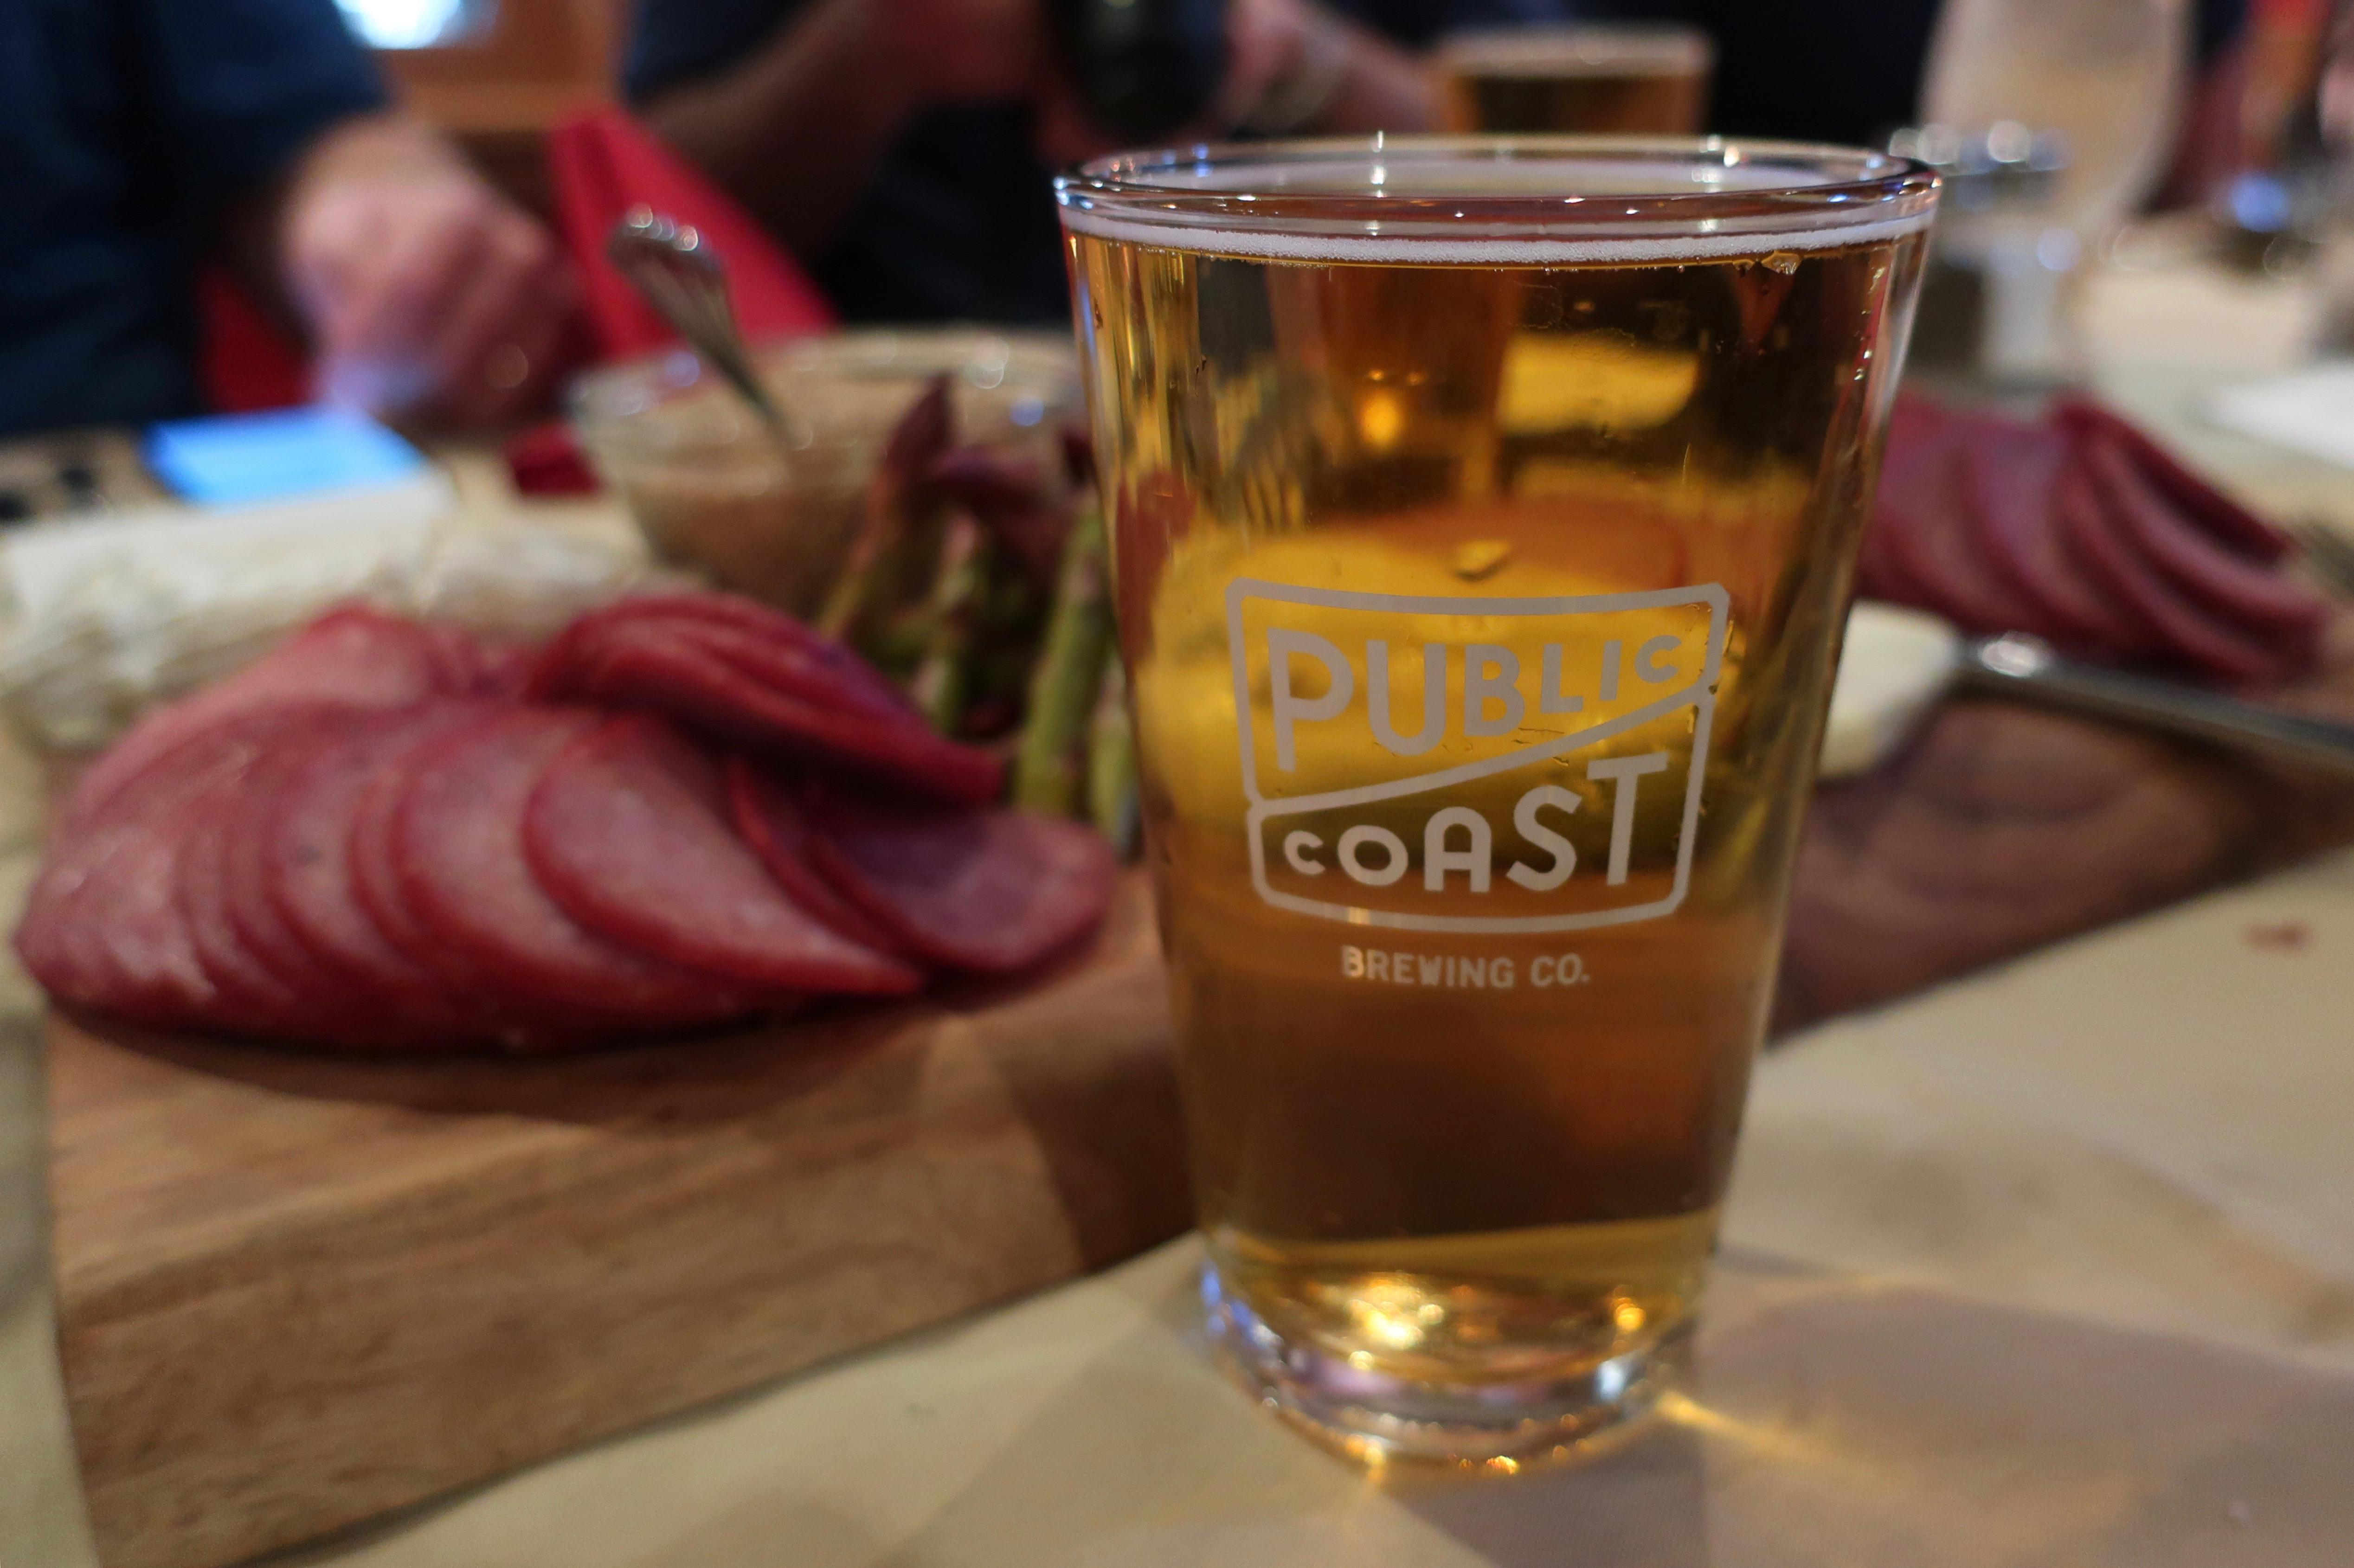 67' Blonde Ale at Public Coast Brewing.